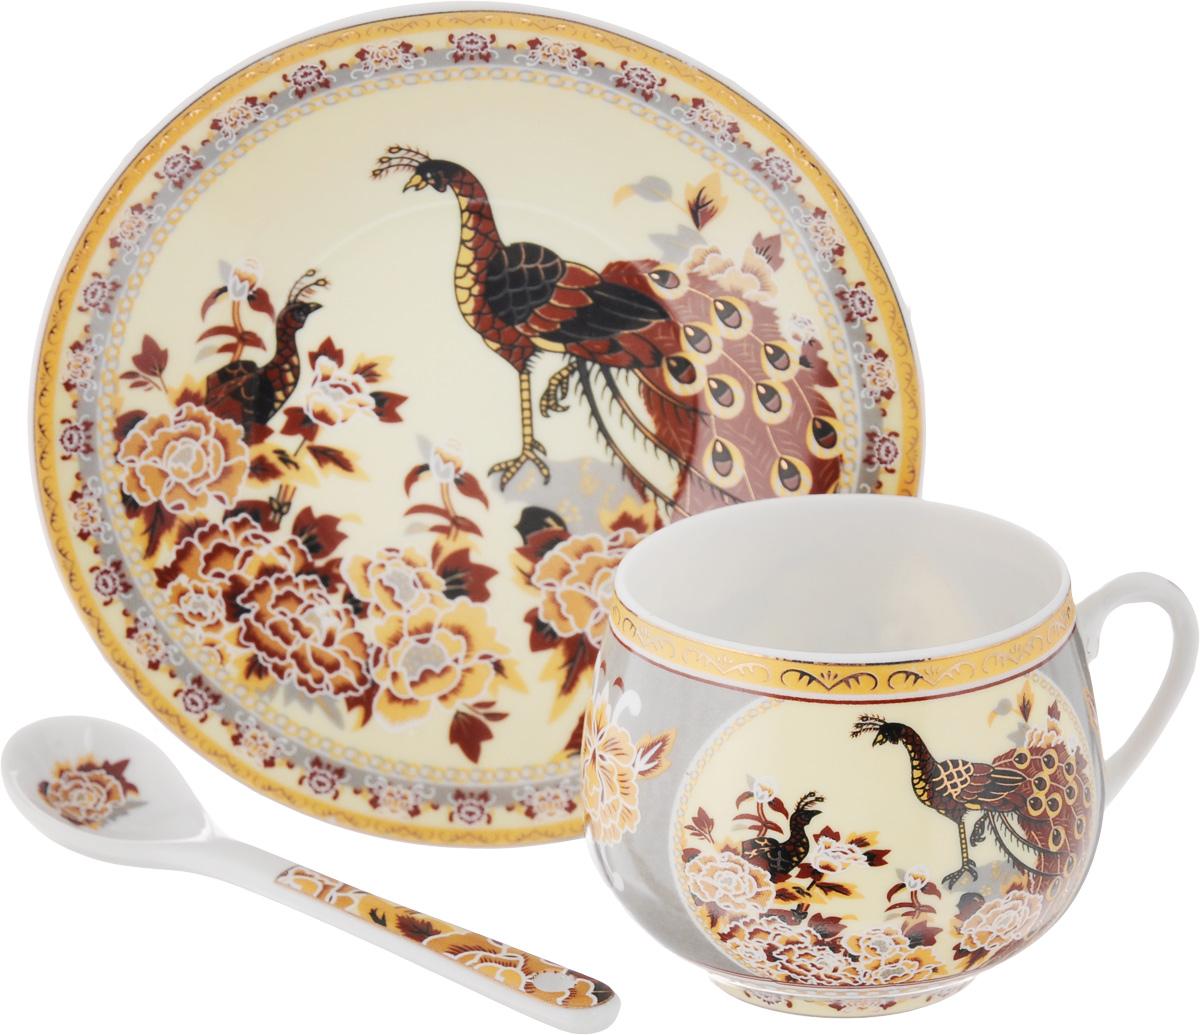 Кофейная пара Elan Gallery Павлин на золоте с ложкой, 130 мл730432Кофейная пара Elan Gallery Павлин на золоте с ложкой выполнены из керамики высокого качества и оформлены красочными рисунками. Яркий дизайн, несомненно, придется по вкусу.Кофейная пара Elan Gallery Павлин на золотеукрасит ваш кухонный стол, а также станет замечательным подарком к любому празднику.Объем чашки: 130 мл.Диаметр чашки (по верхнему краю): 5,5 см.Диаметр основания: 3,5 см.Высота чашки: 5,5 см.Диаметр блюдца: 11,5 см.Длина ложки: 10 см.